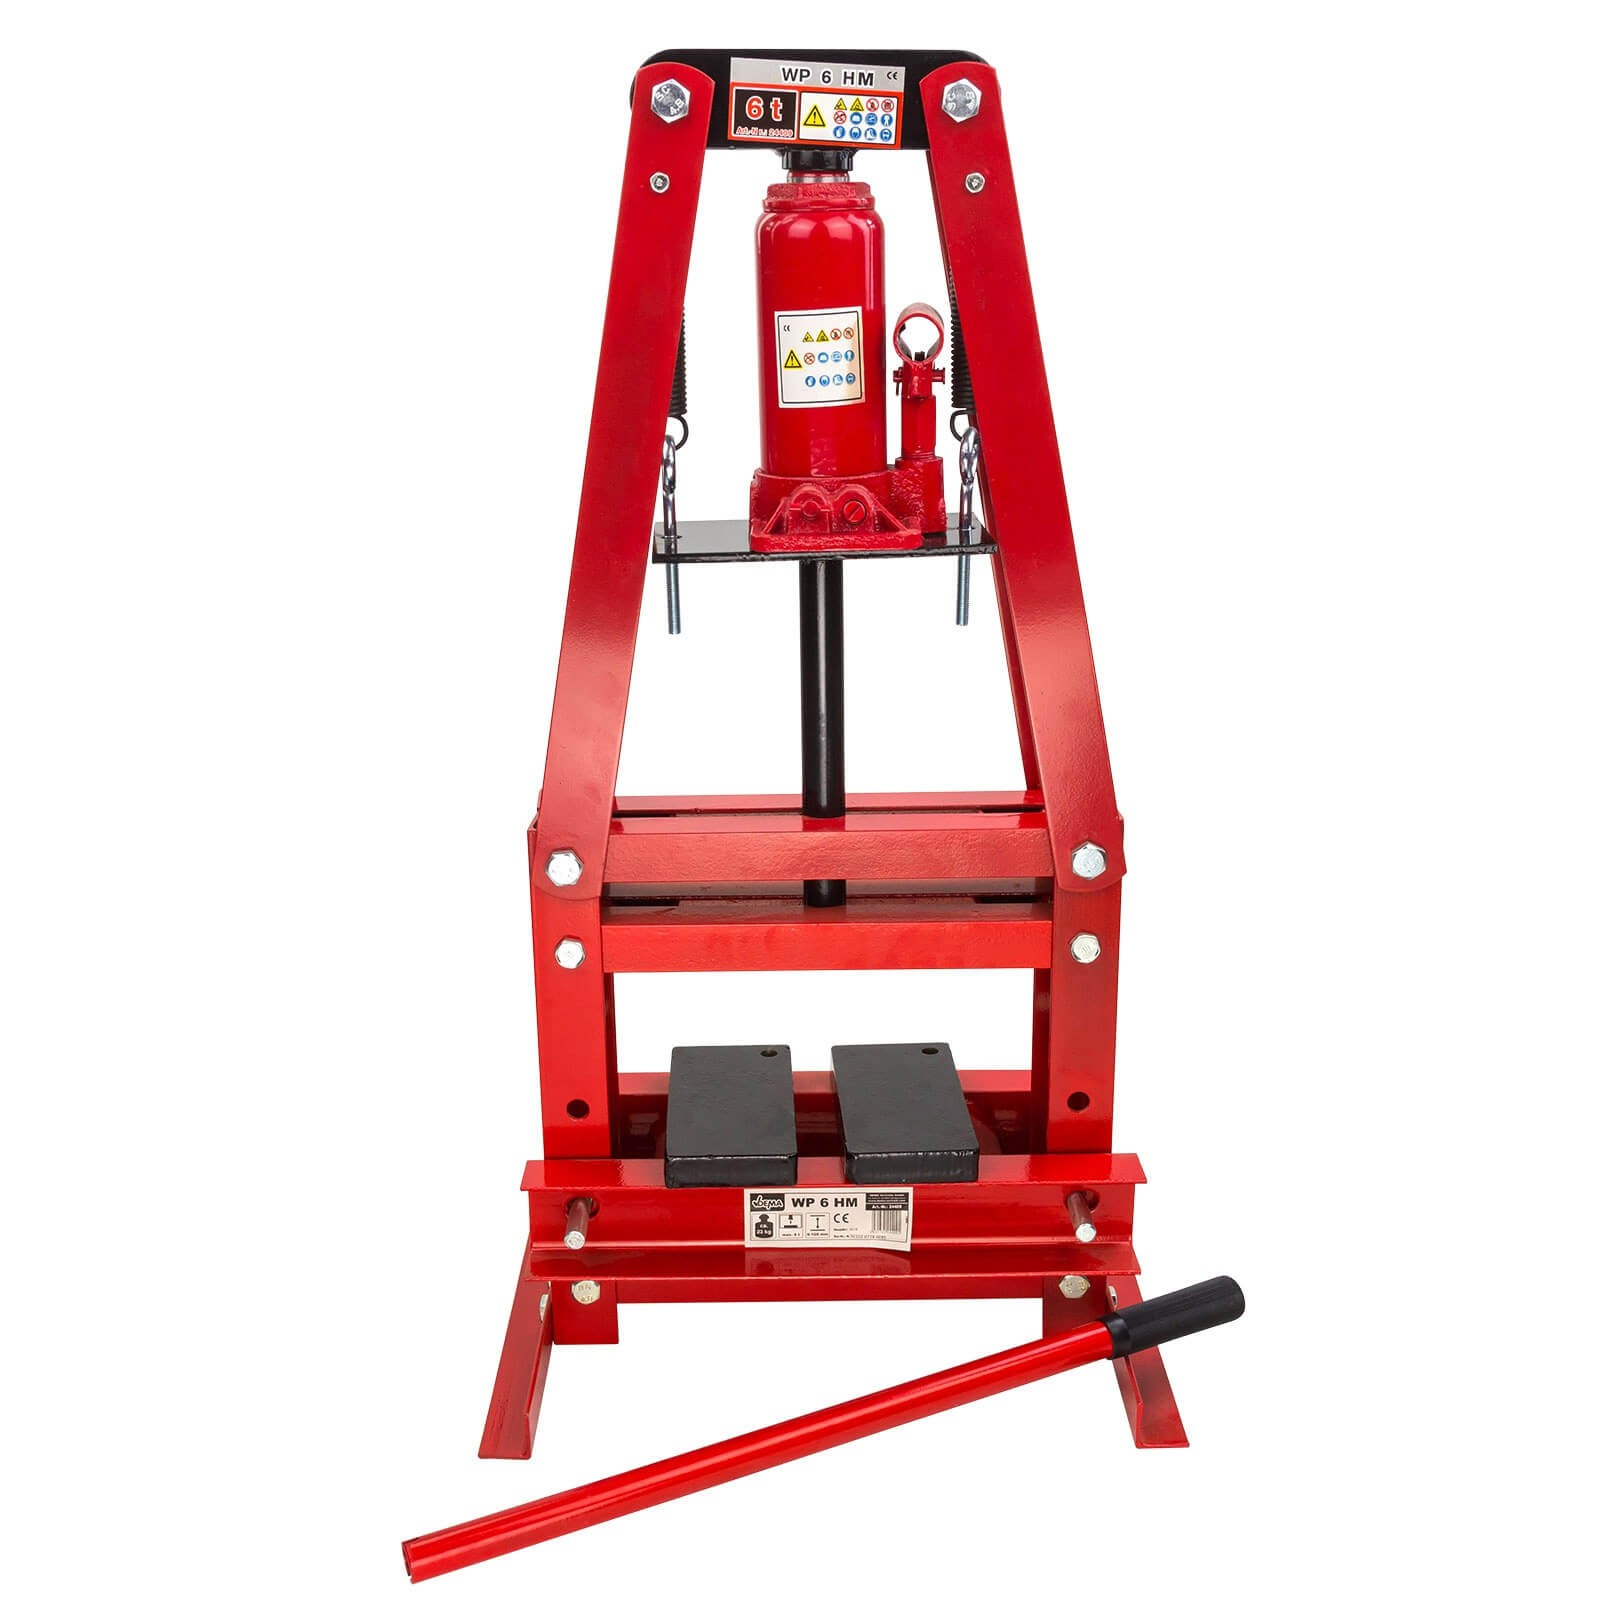 Dema Werkstattpresse 6 Tonnen hydraulisch manuell Hydraulikpresse 24409